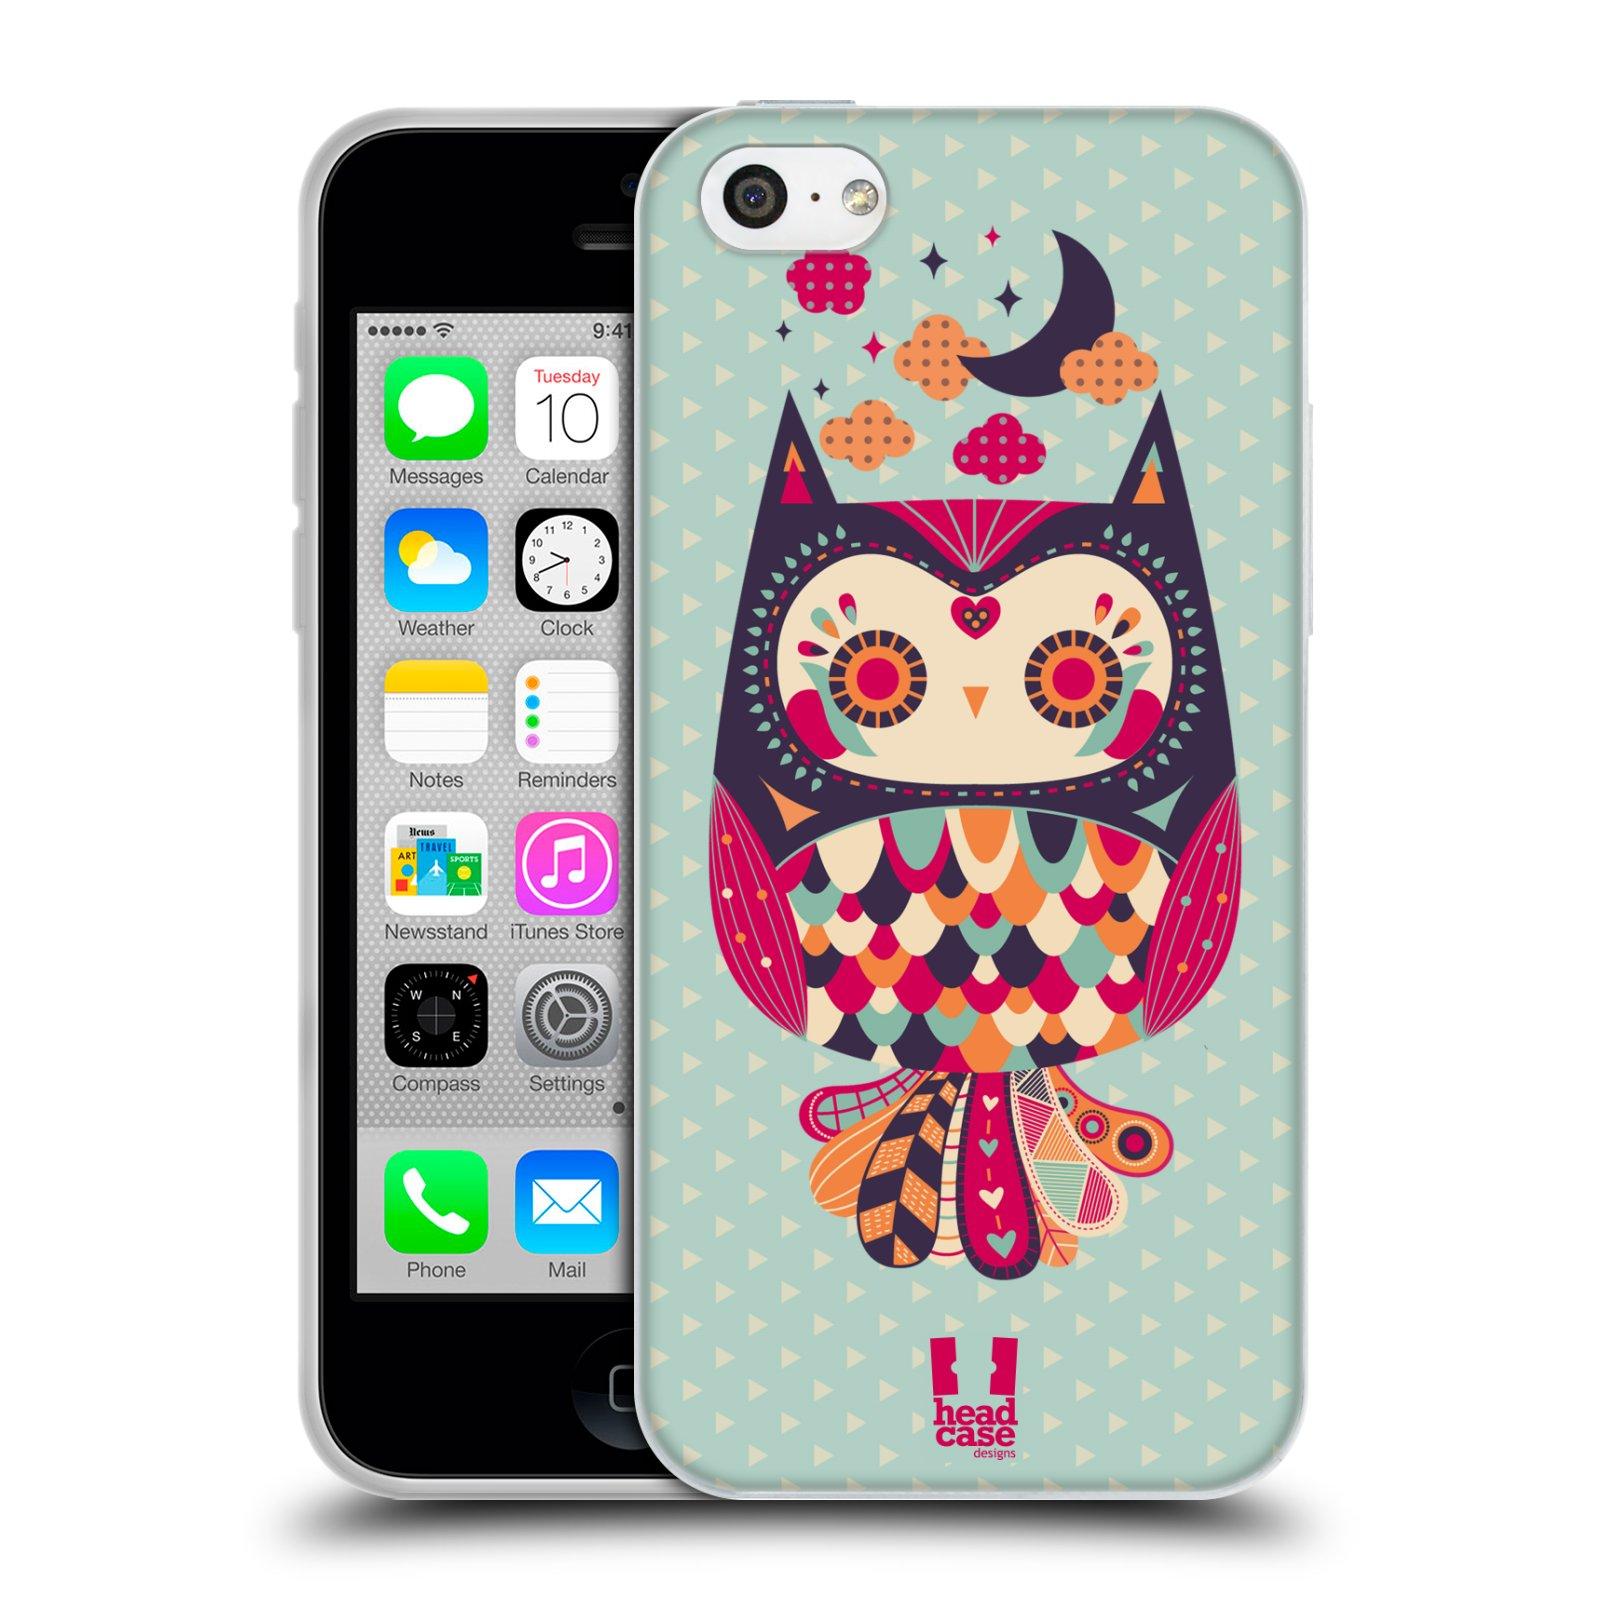 HEAD CASE silikonový obal na mobil Apple Iphone 5C vzor Stmívání sovička růžová a fialová